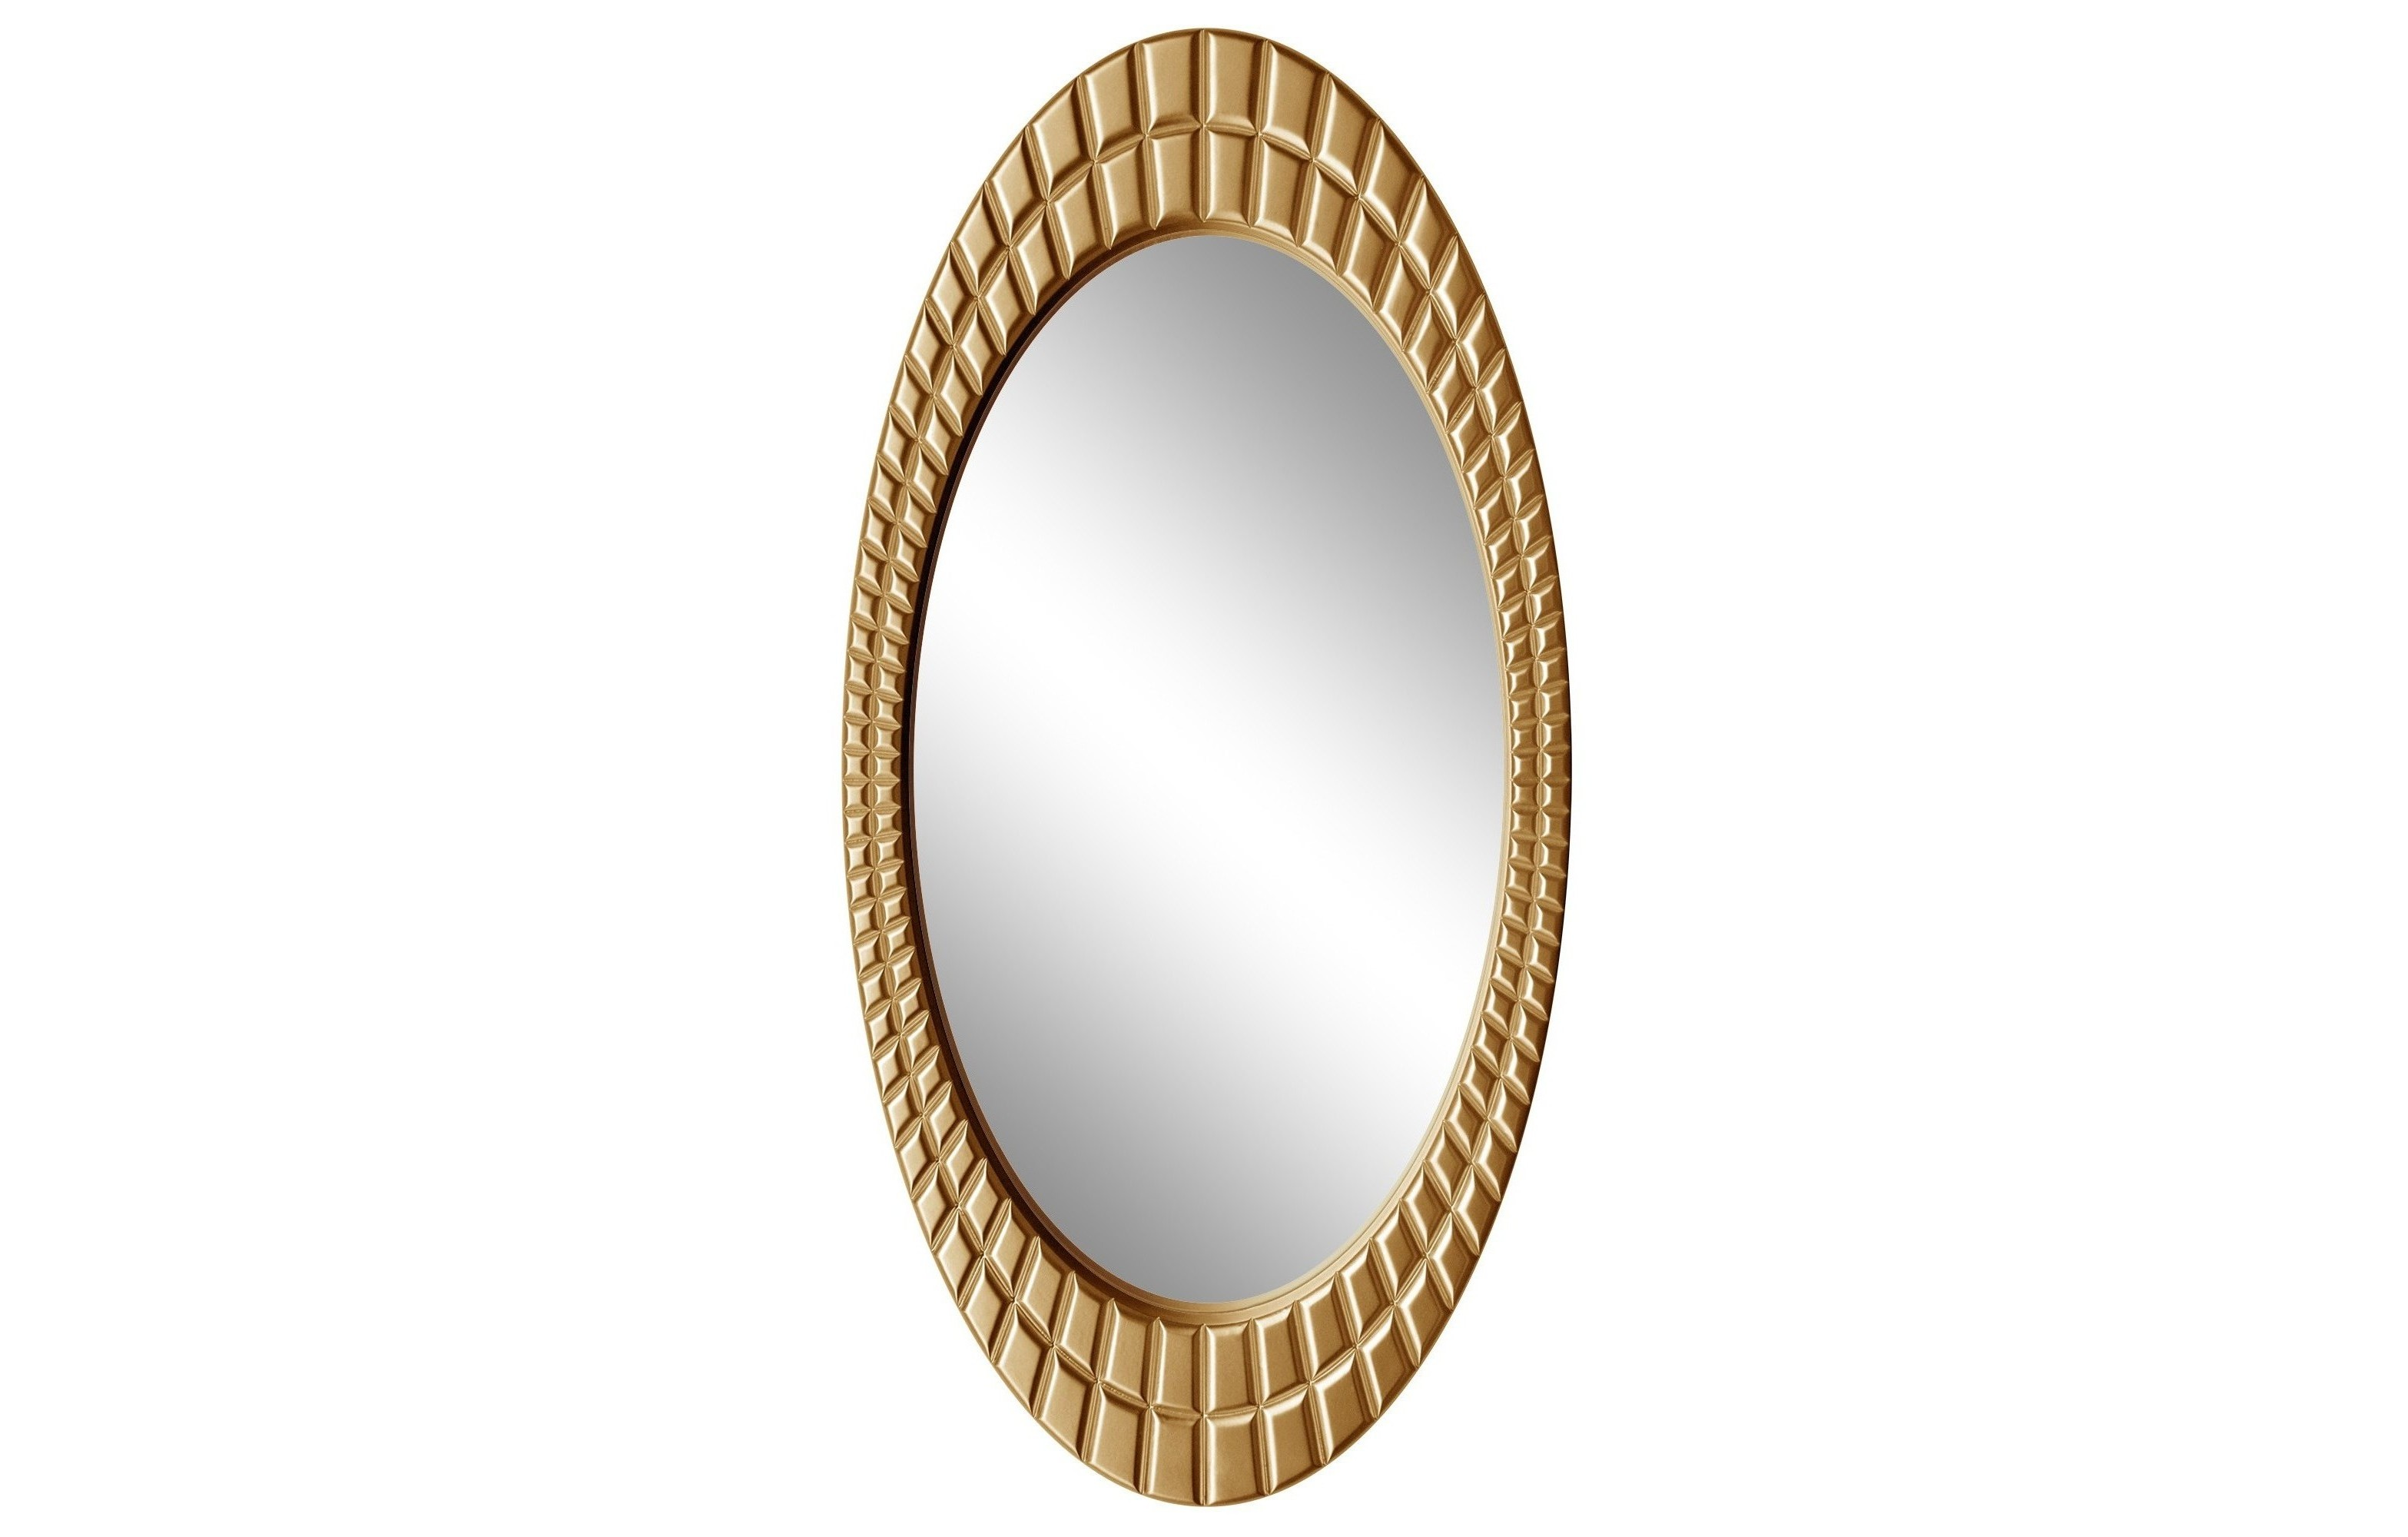 Зеркало ВЕЦЦОНастенные зеркала<br>Материал: мебельный композит.<br><br>Material: Стекло<br>Length см: None<br>Width см: 120<br>Depth см: 4<br>Height см: 60